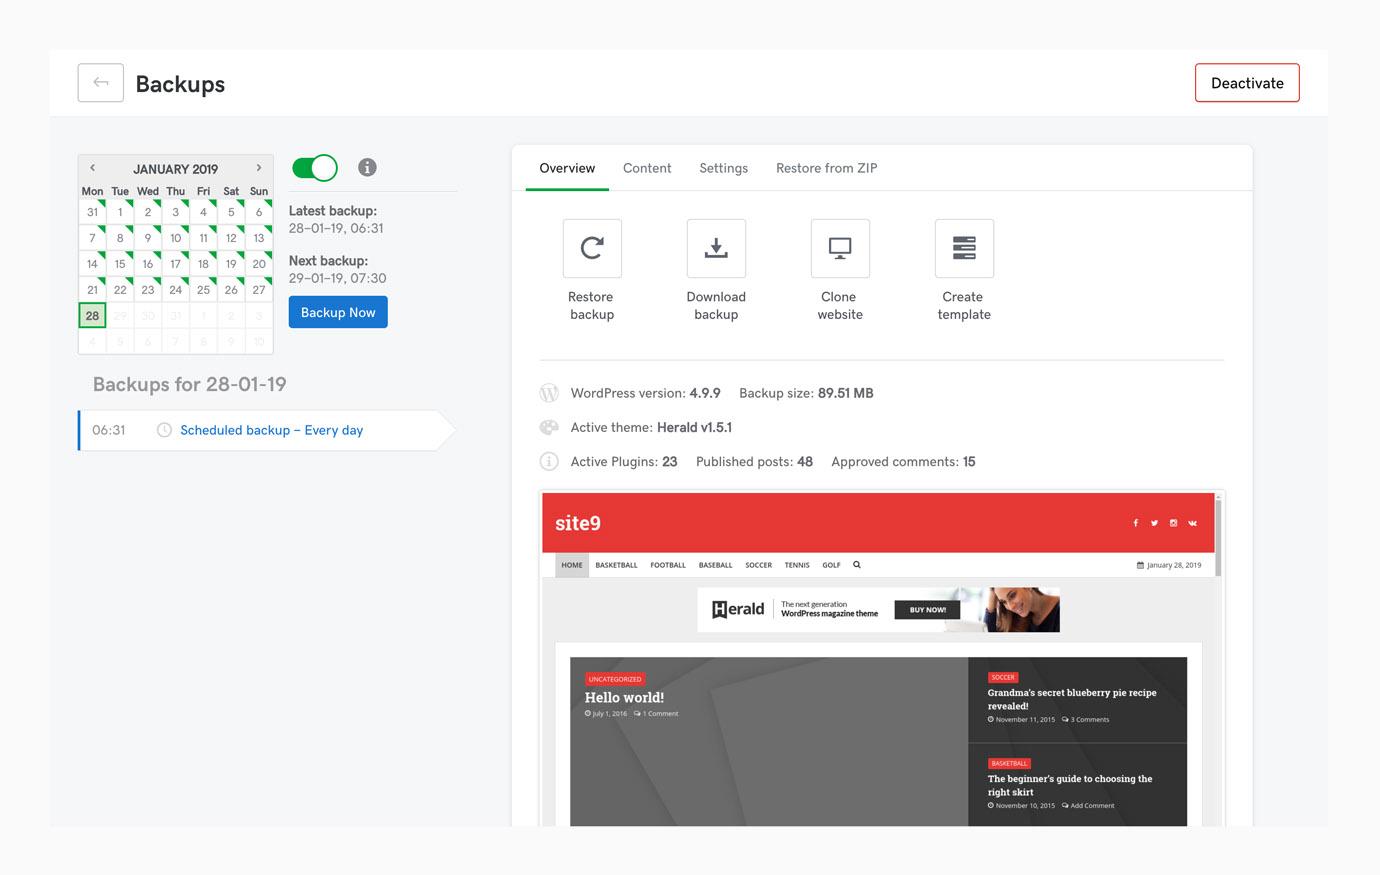 website management backup